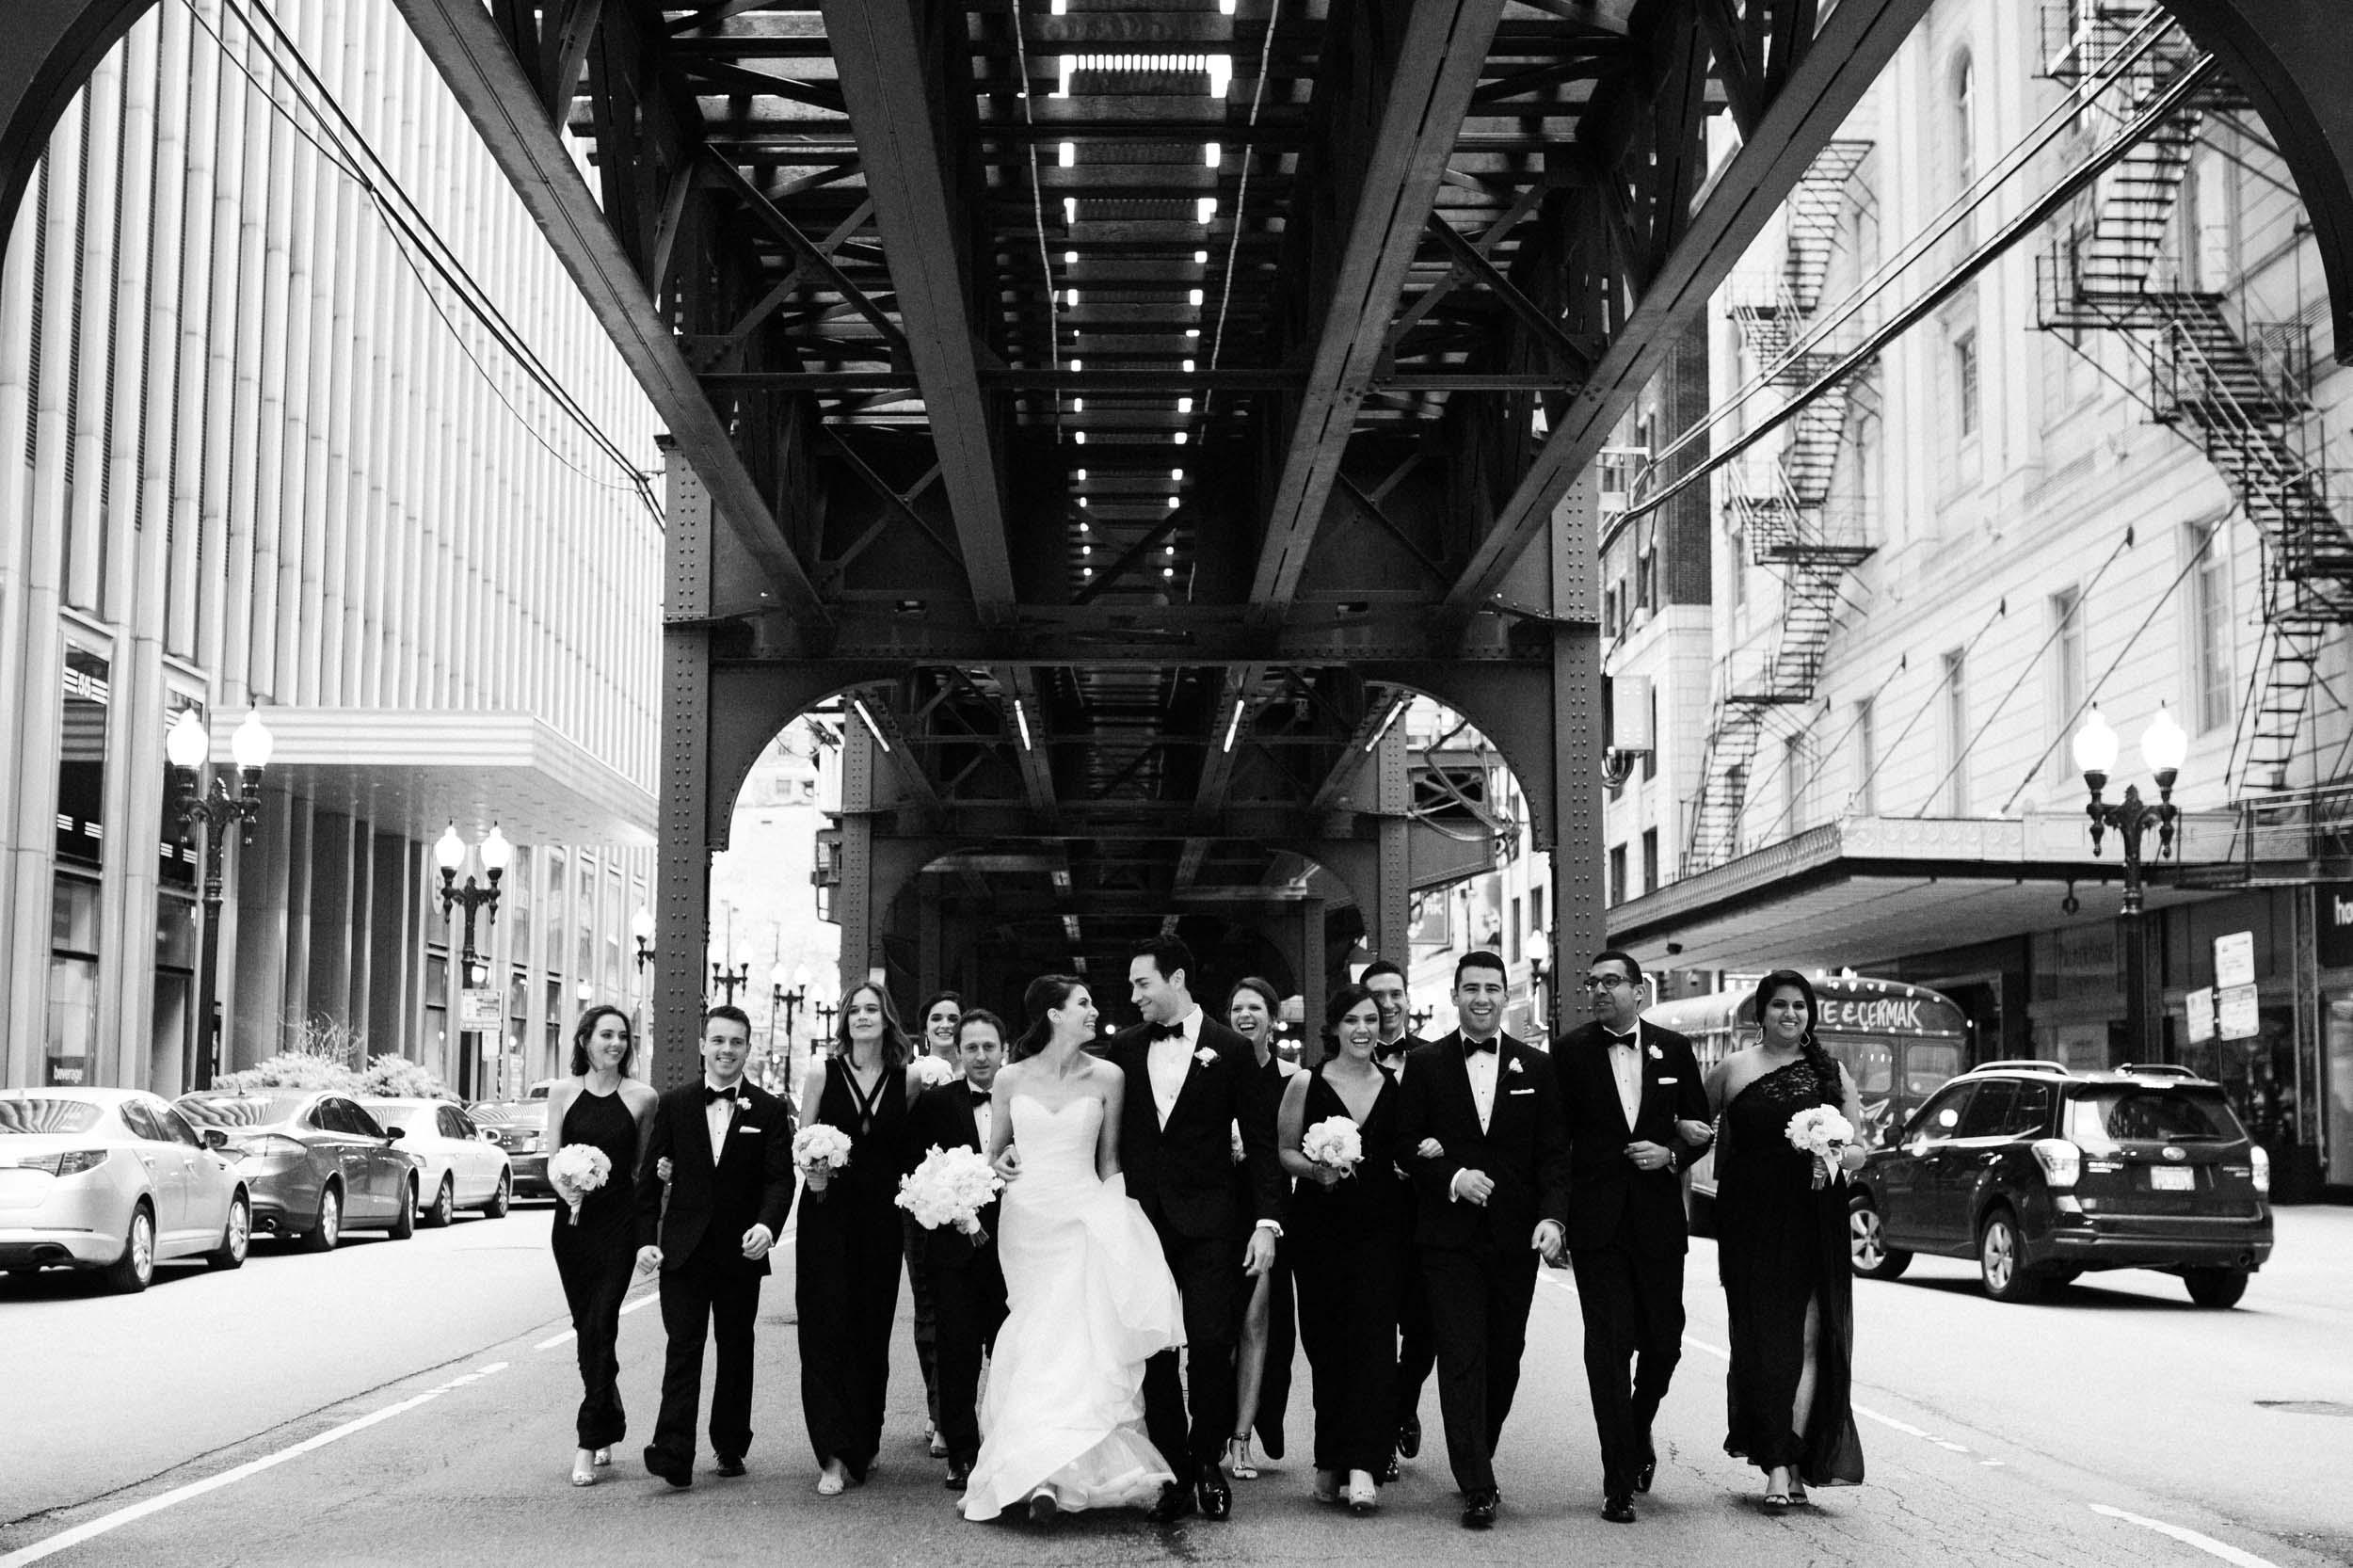 chicago-wedding-photos-studio-this-is-jack-schroeder-8.jpg